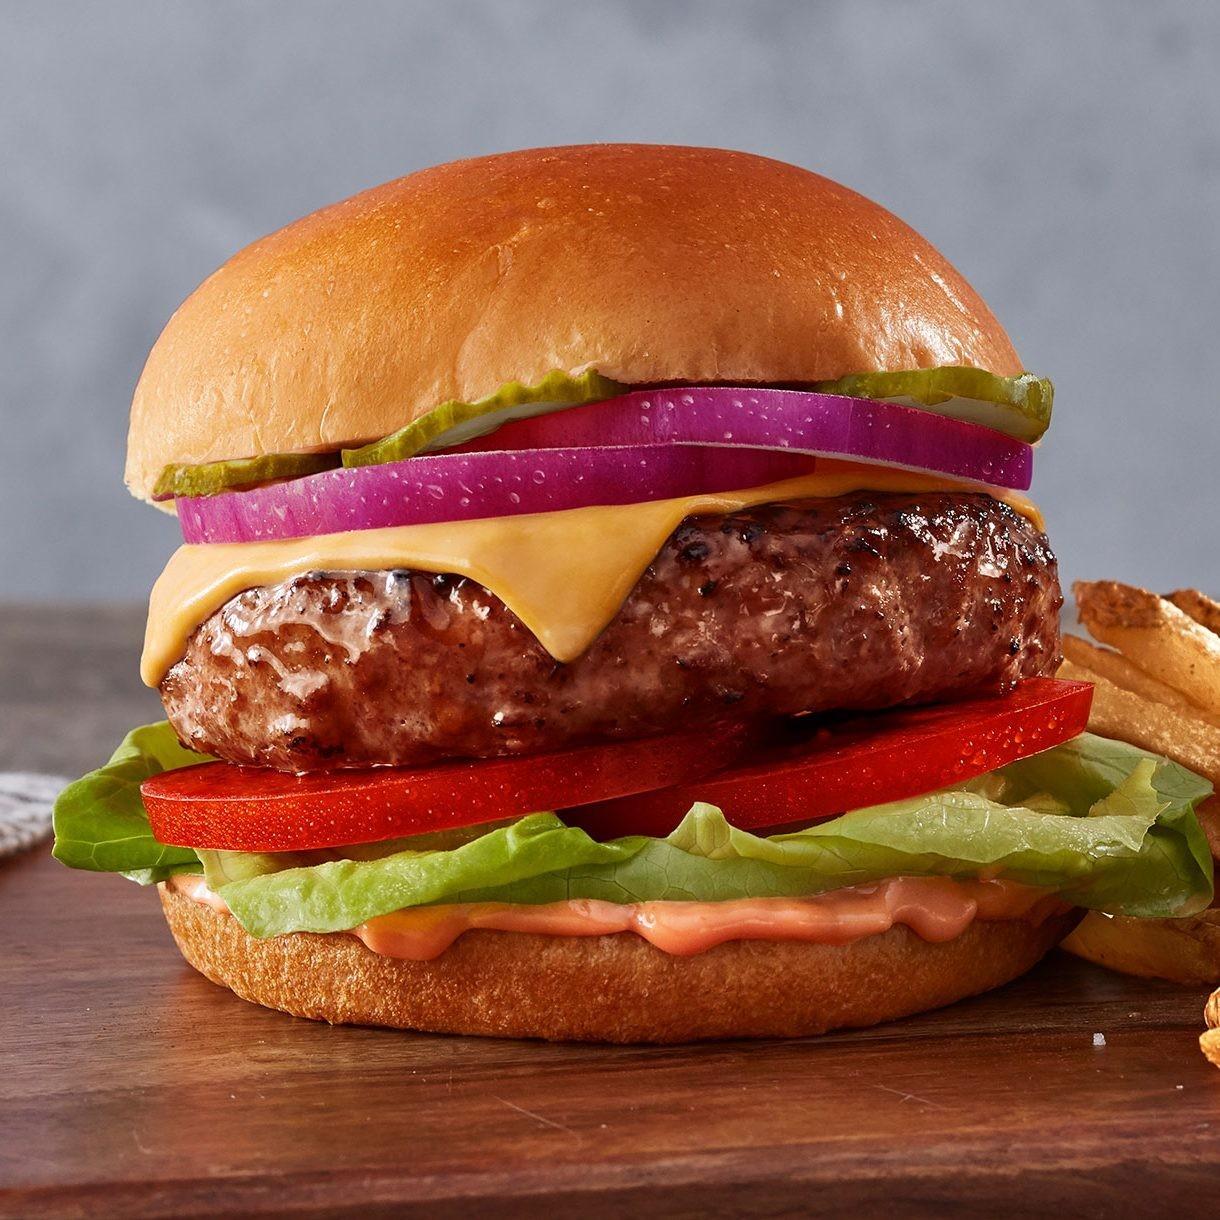 比爾蓋茲投資的「人造肉」公司轟動上市,掀全球飲食產業新革命